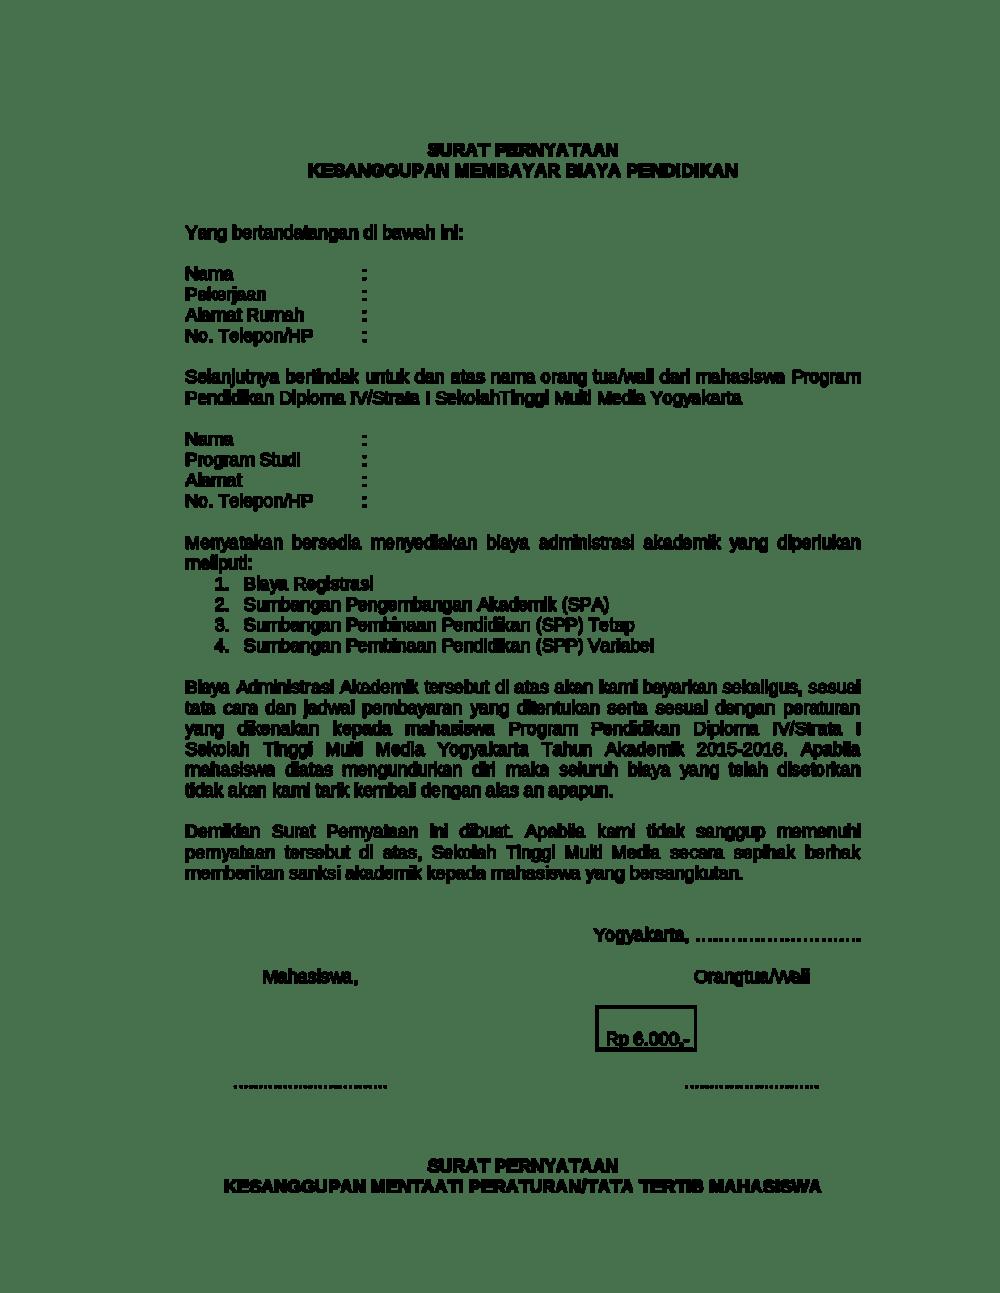 7. Contoh Pernyataan Kesanggupan Membayar Hutang